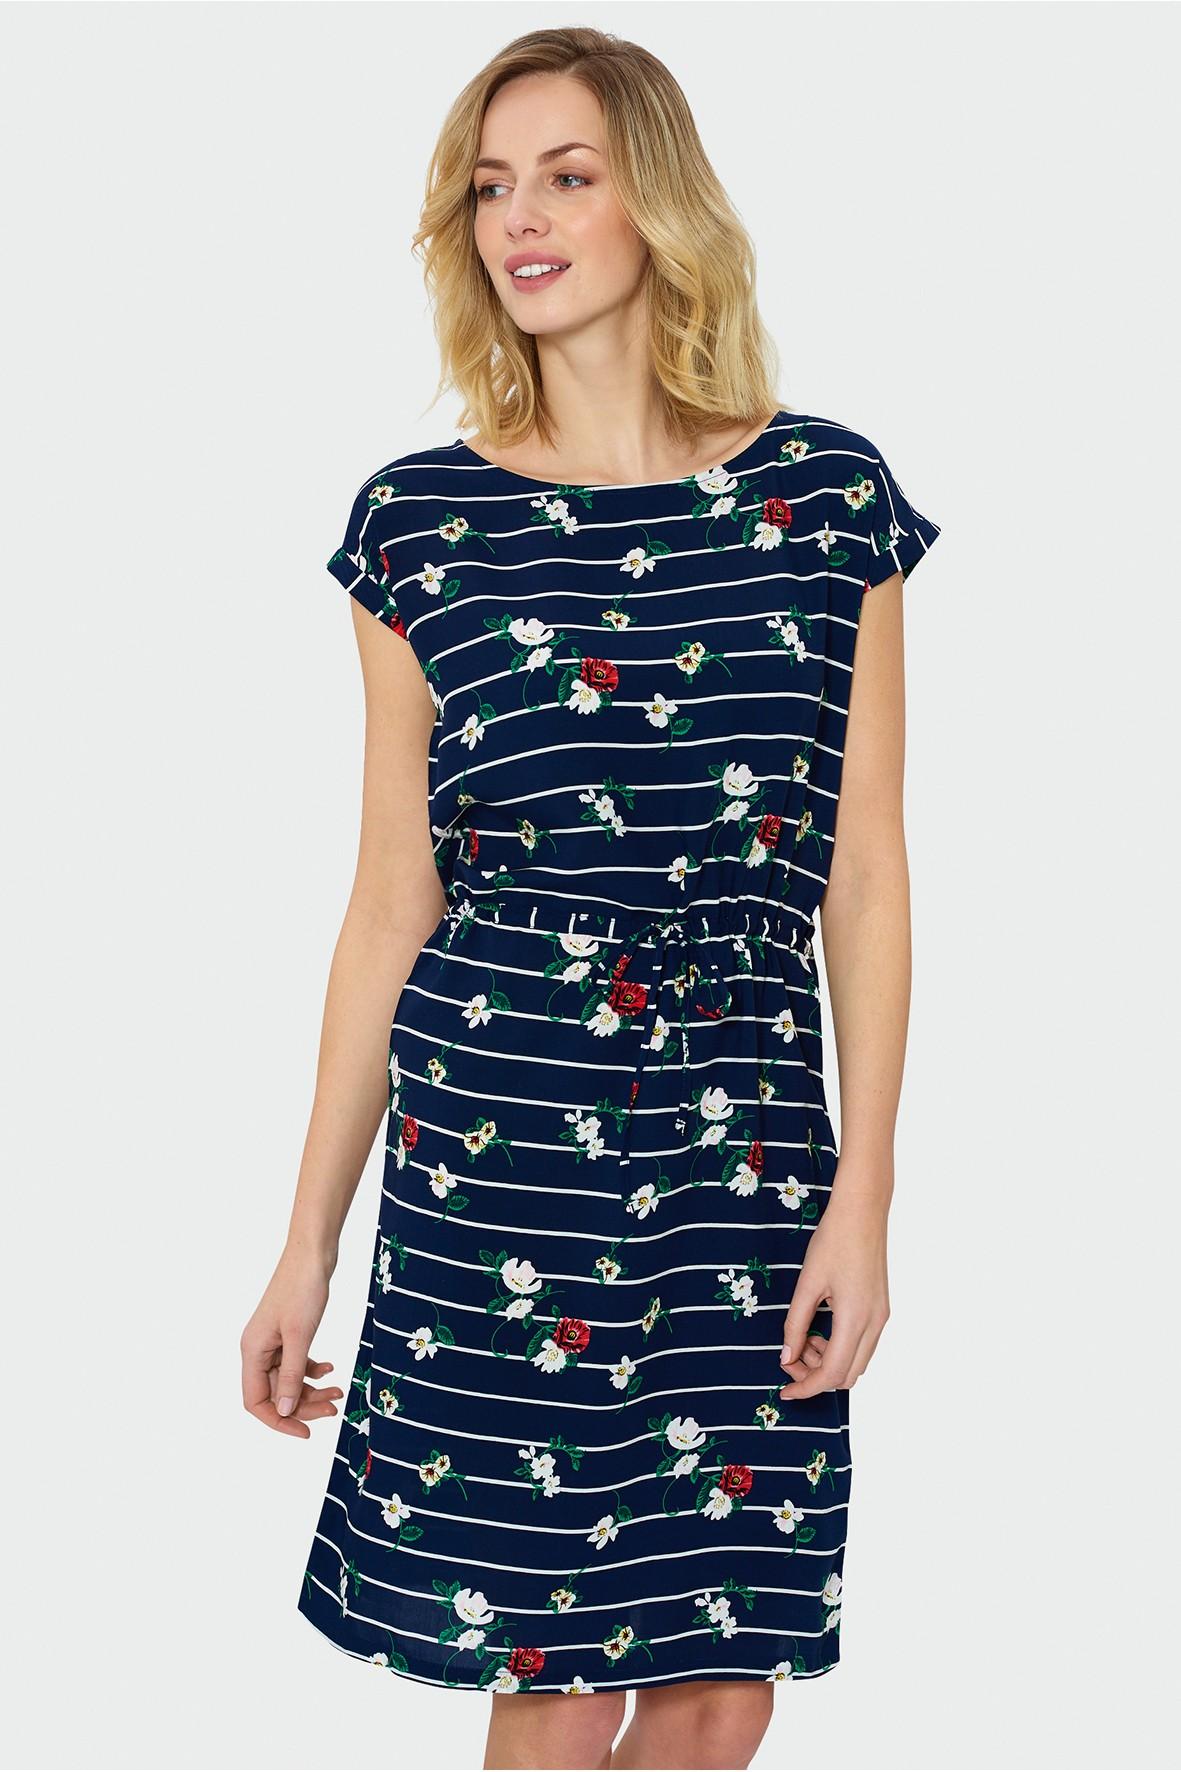 Granatowa sukienka damska ze sznureczkiem w talii